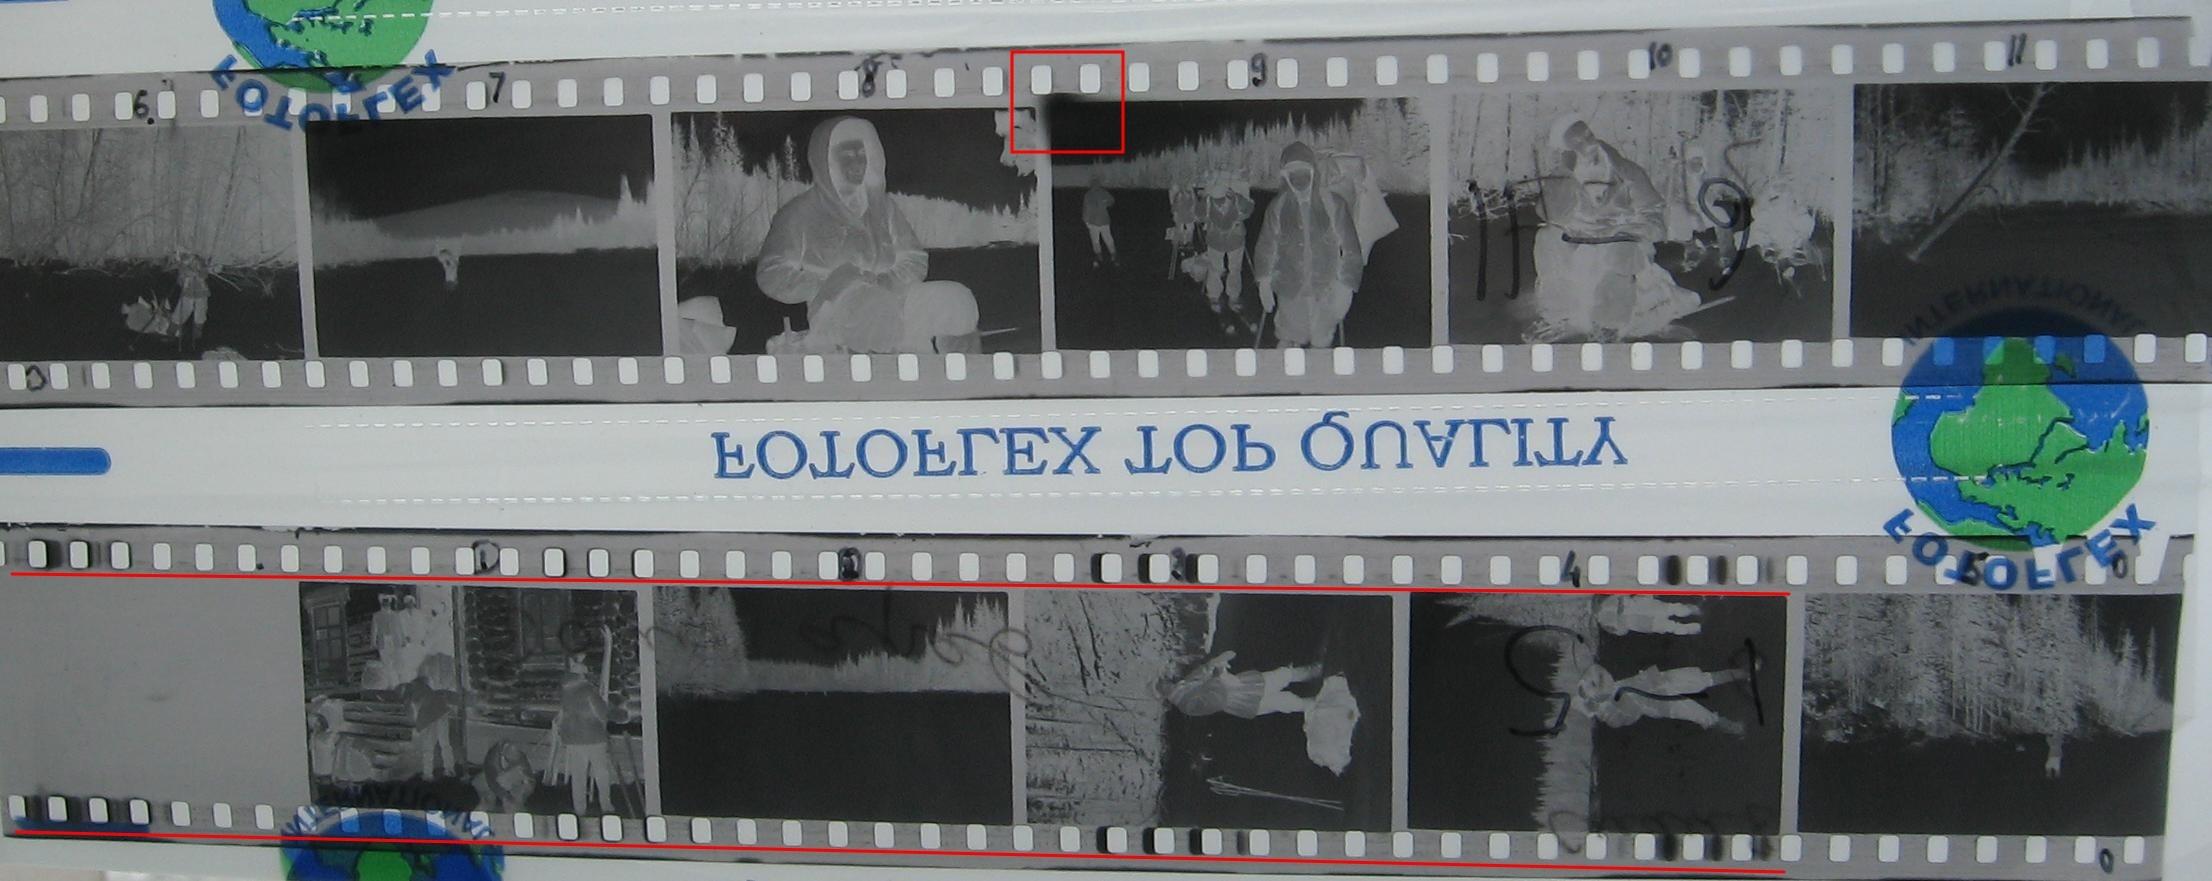 http://images.vfl.ru/ii/1595700942/cfbd7e19/31165793.jpg